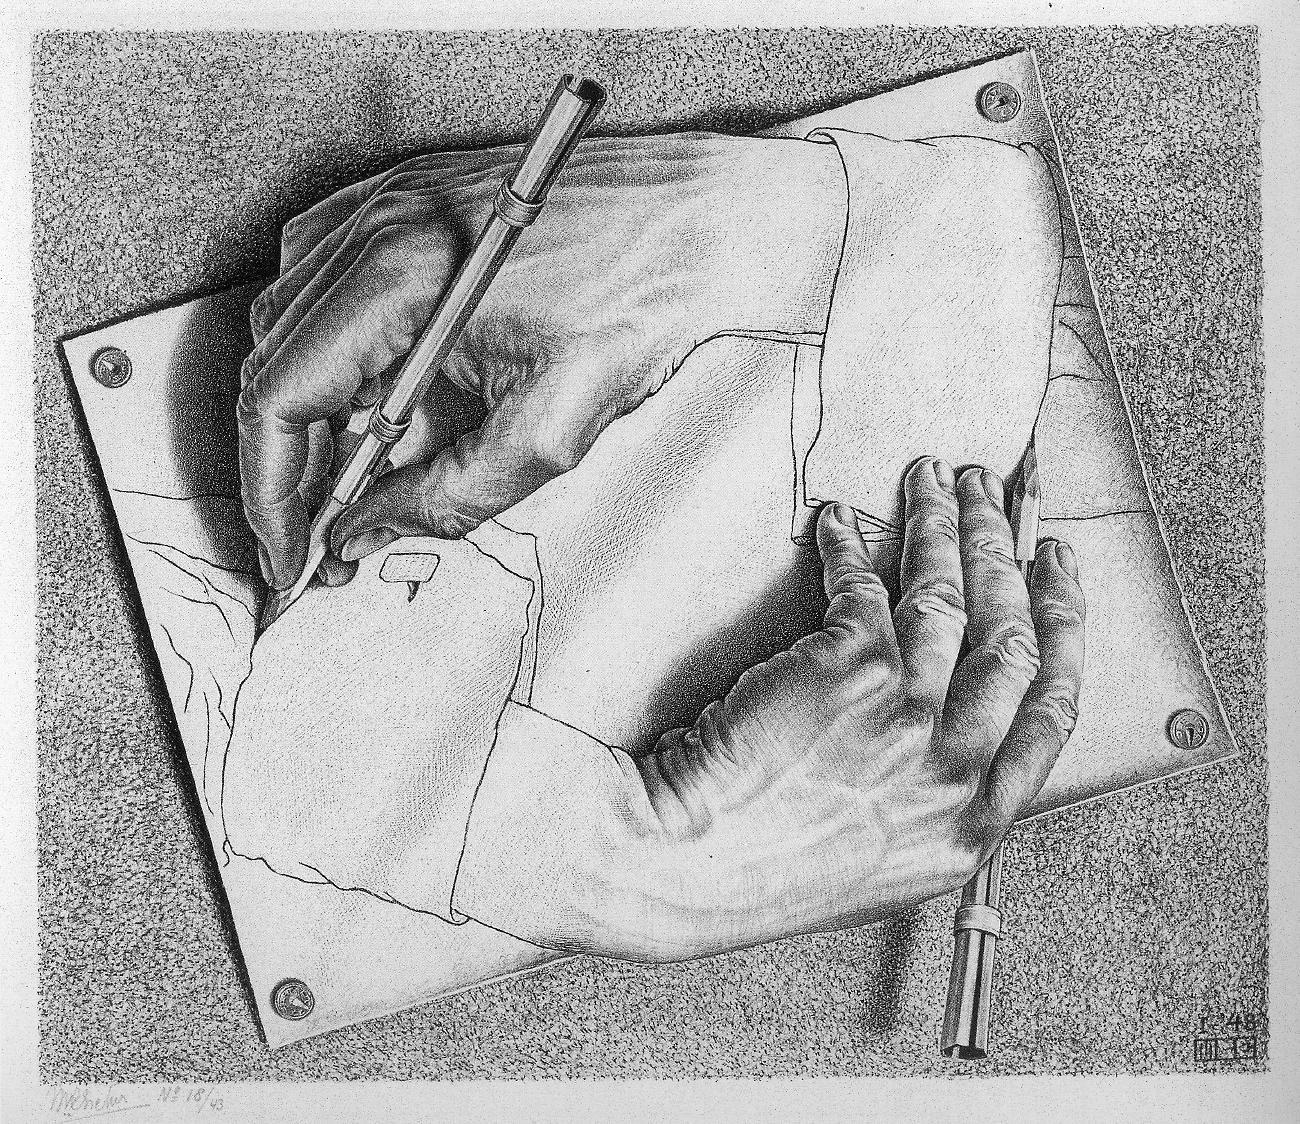 M.C. ESCHER, Drawing Hands, 1948